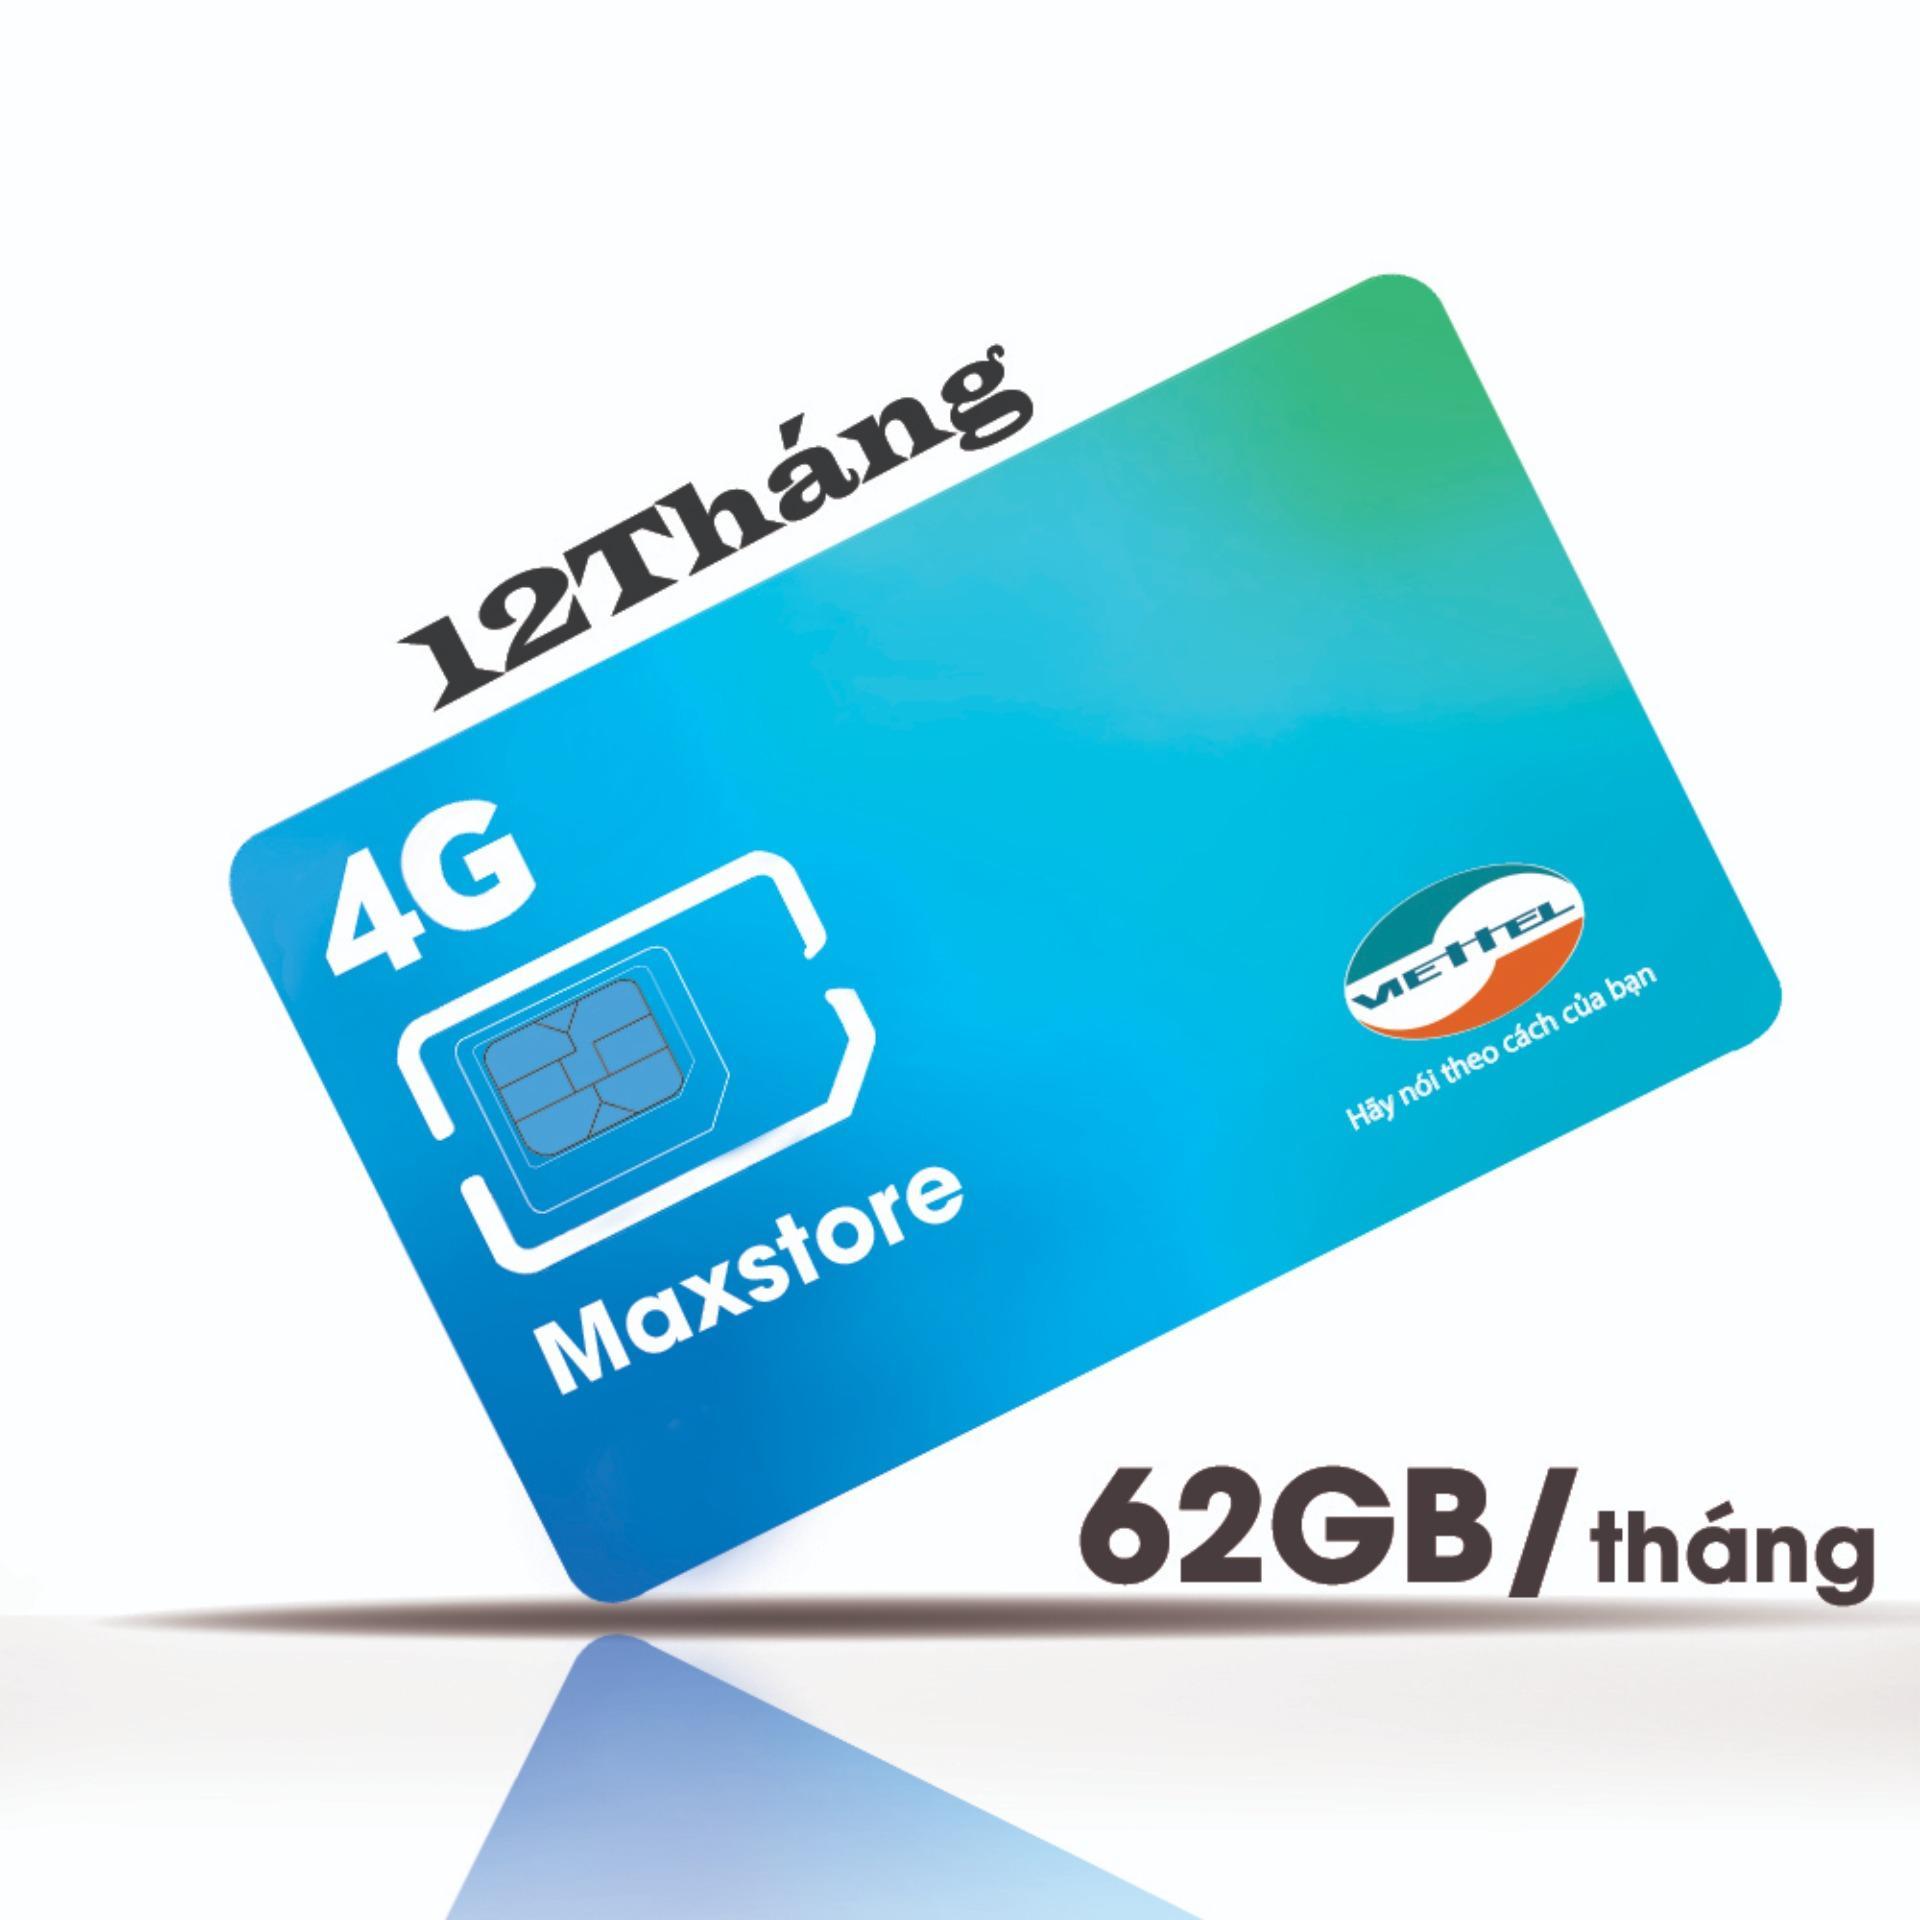 Hình ảnh Sim 4G Viettel Siêu tốc ST90 (60Gb / tháng) tốc độ 4G Maxstore.Sử dụng toàn quốc